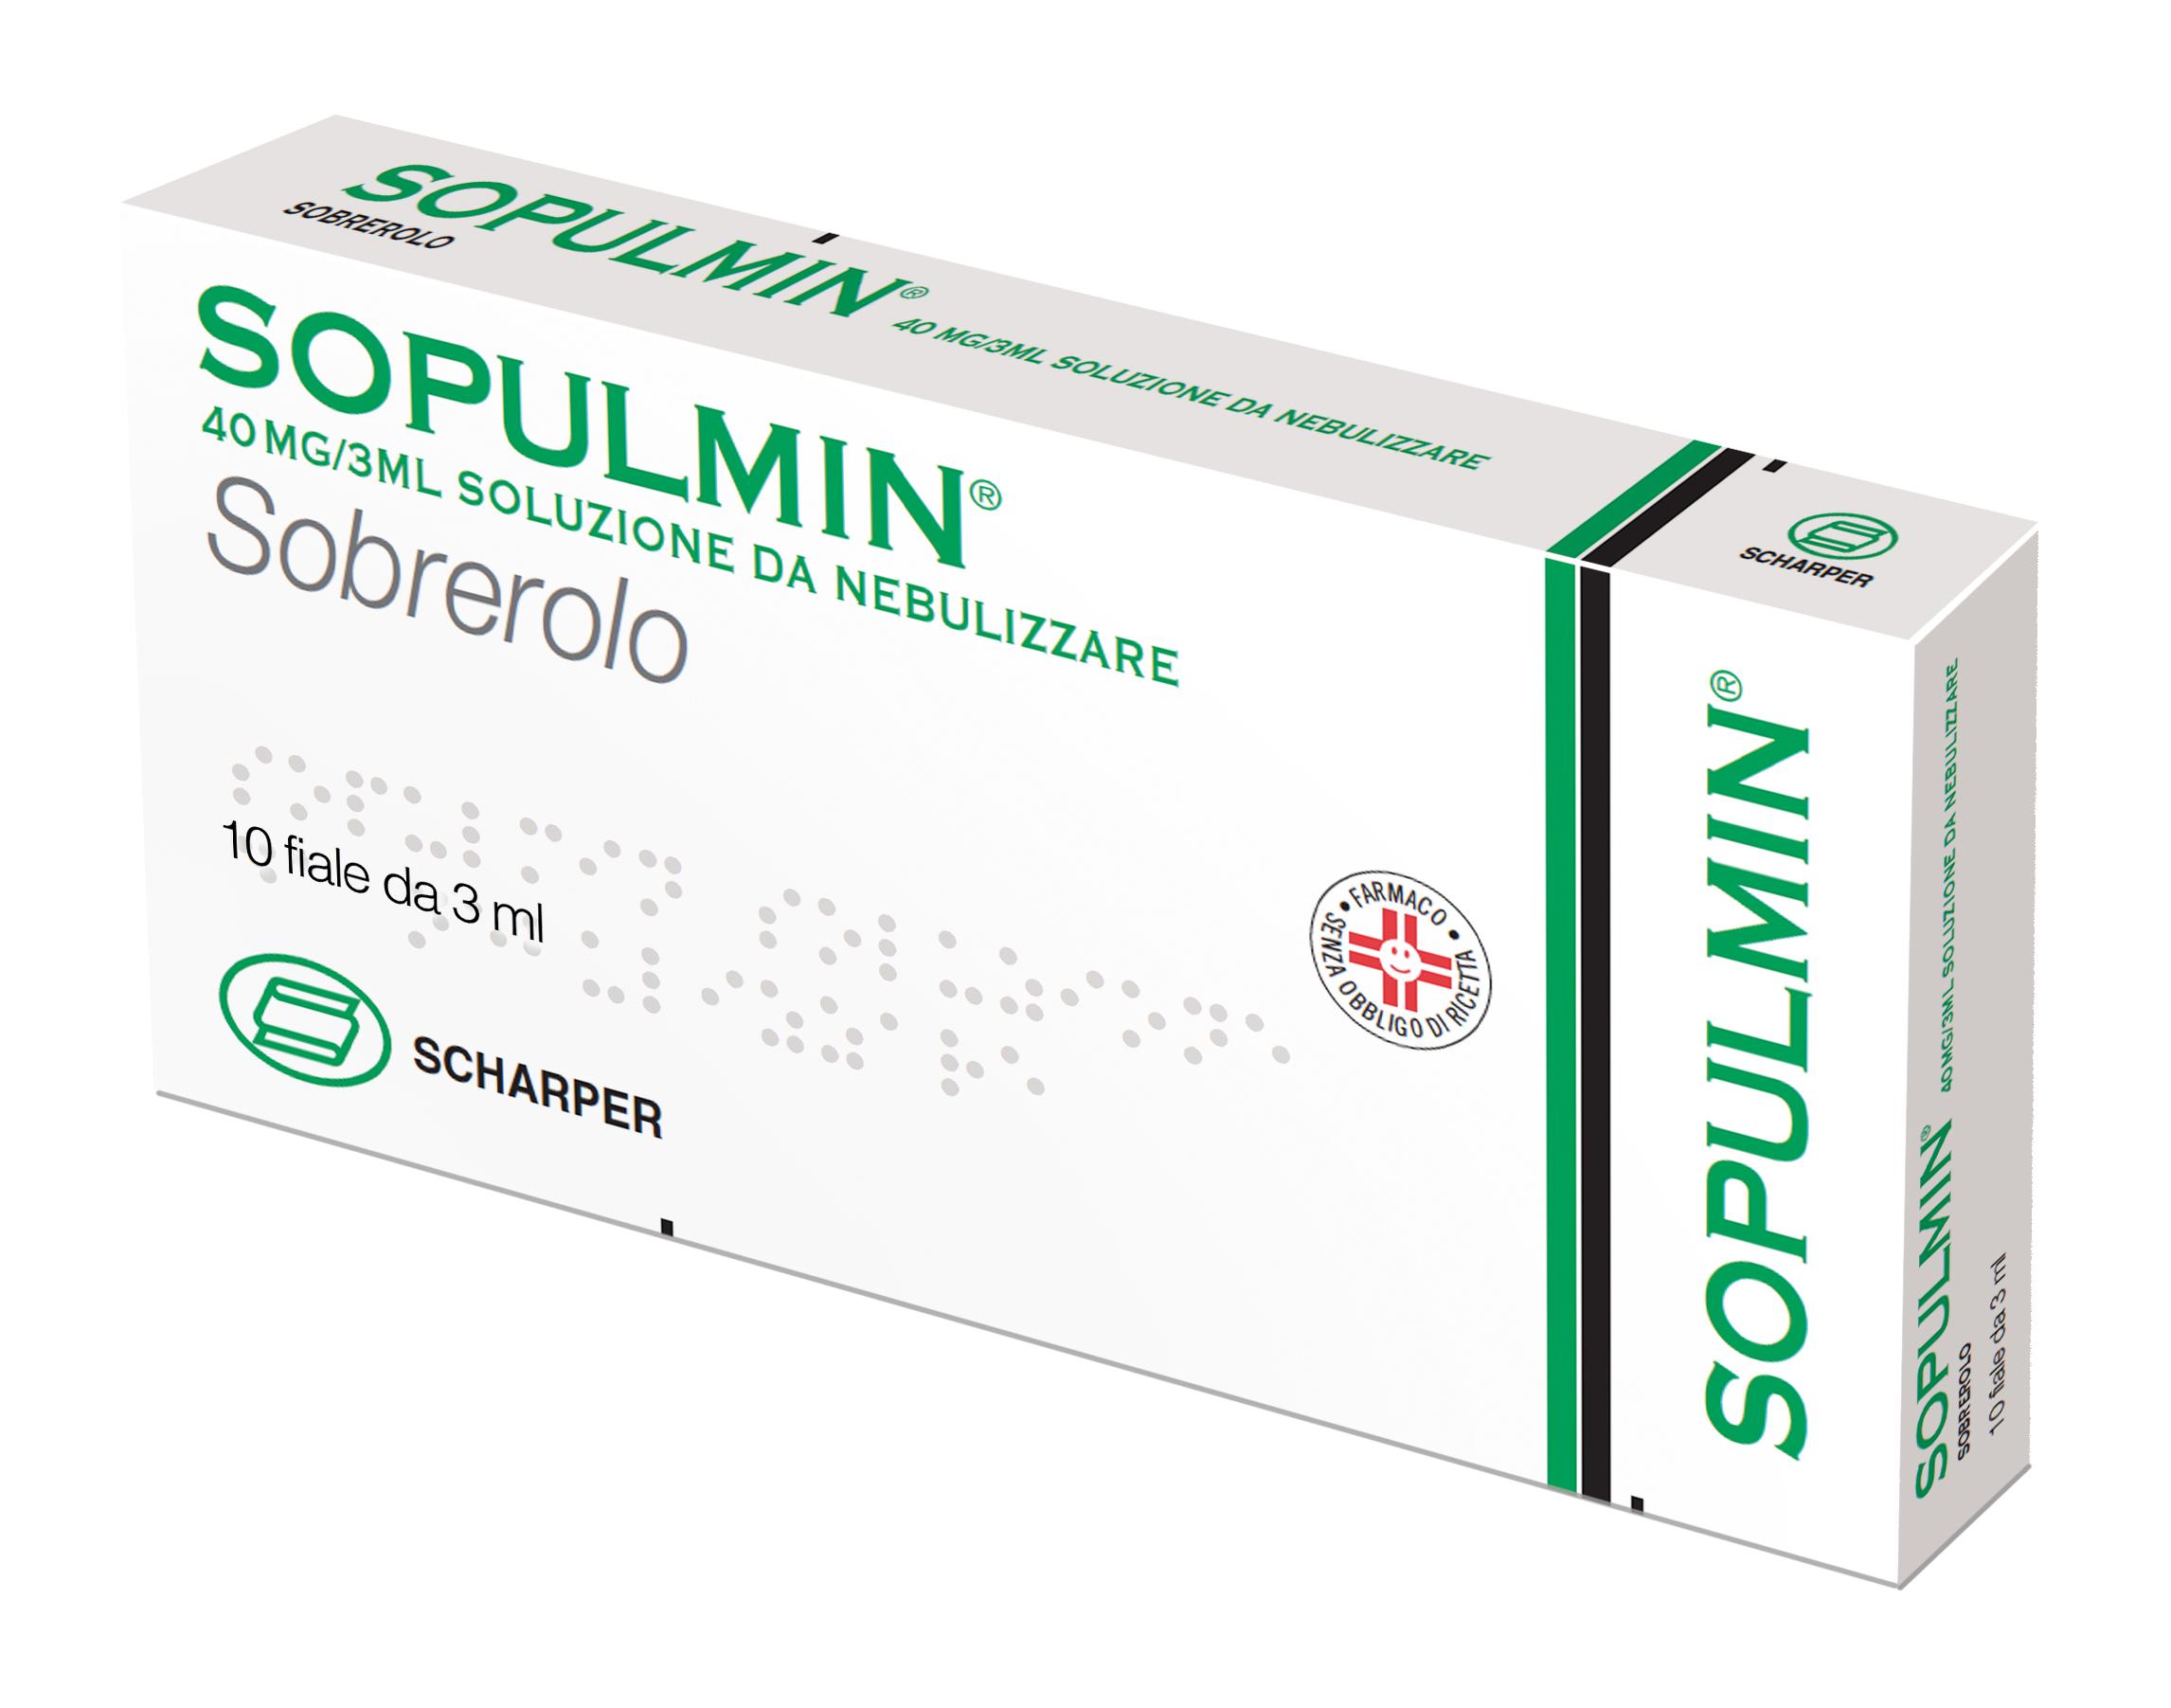 SOPULMIN*NEBUL 10F 3ML 40MG - Nowfarma.it